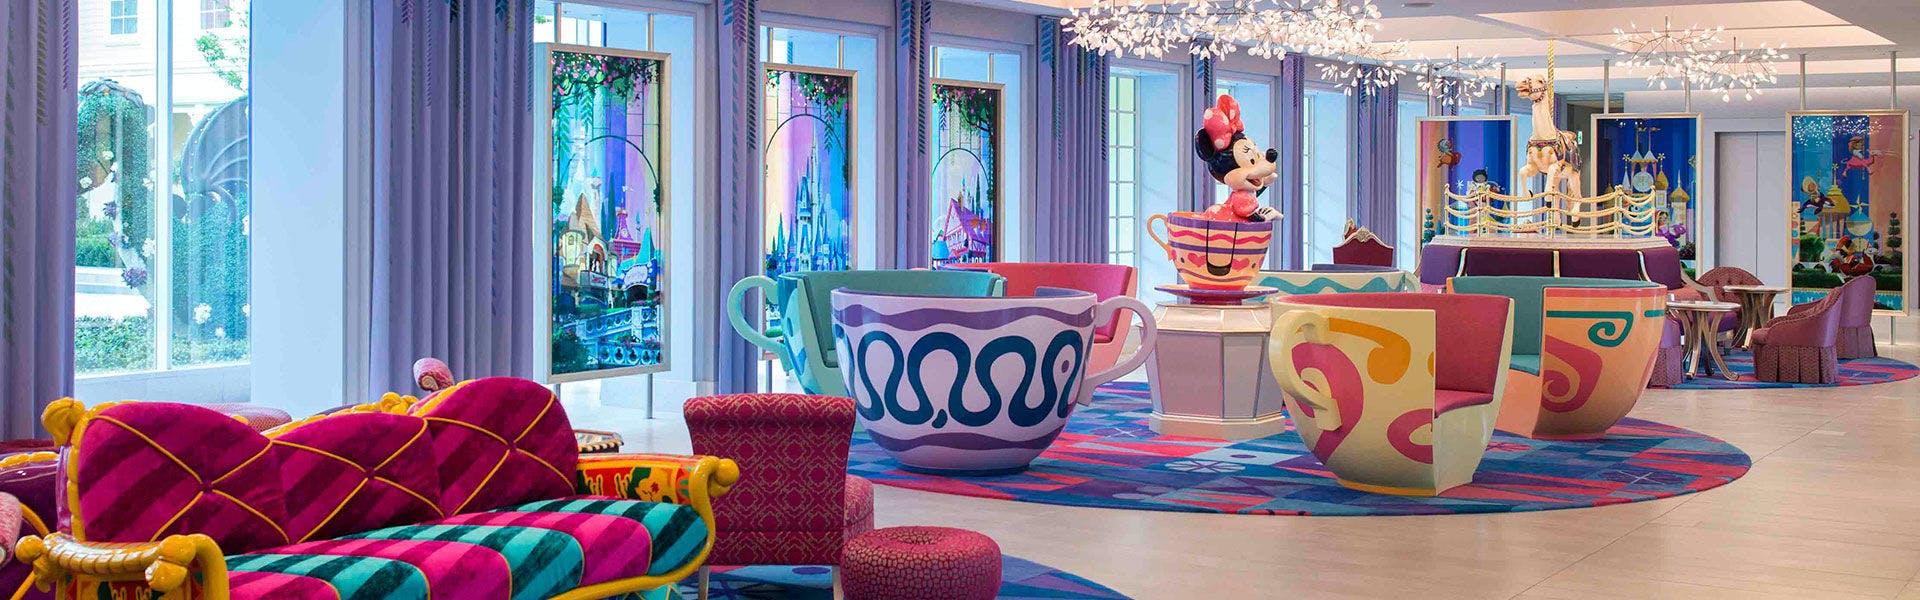 東京ディズニーセレブレーションホテル - 高級ホテル・ラグジュアリー